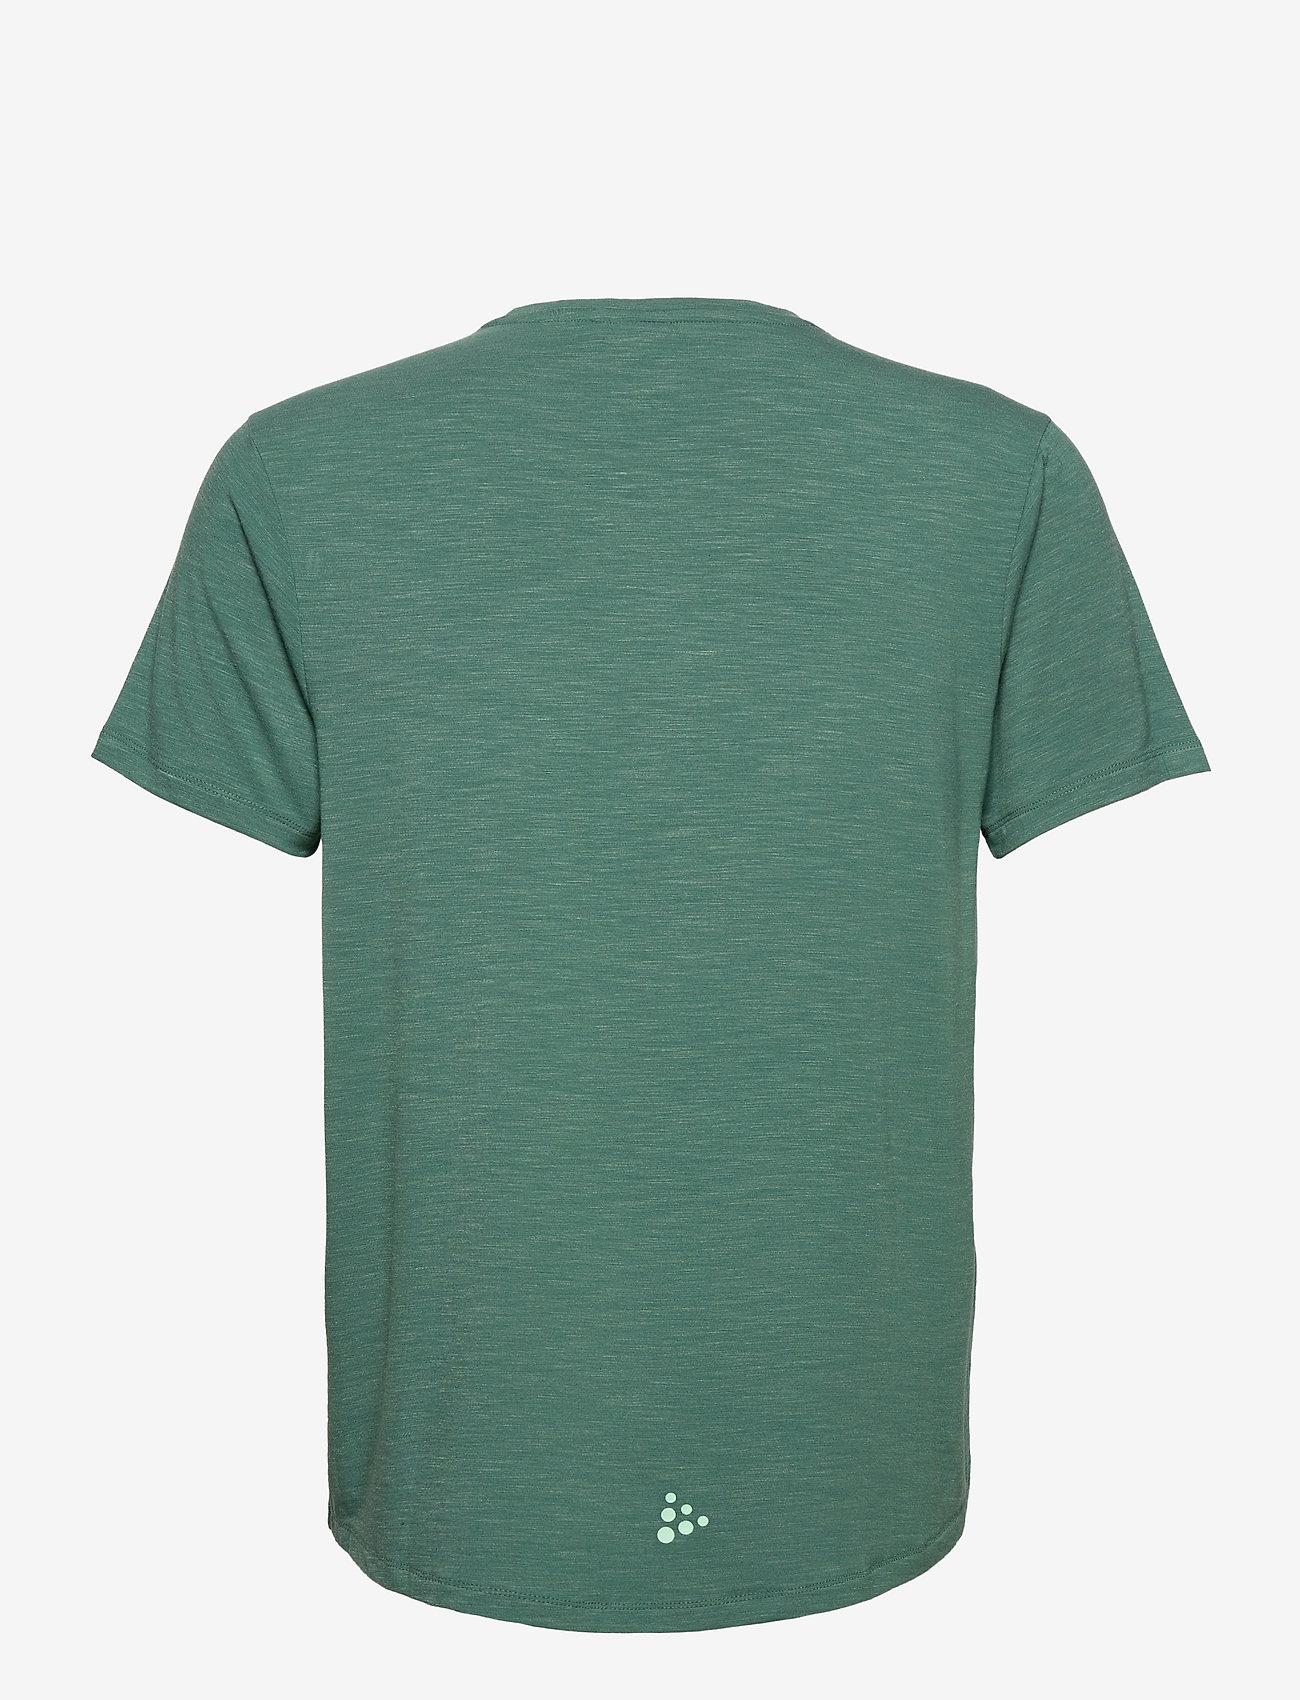 Craft CORE SENCE SS TEE M - T-skjorter POINT MELANGE - Menn Klær